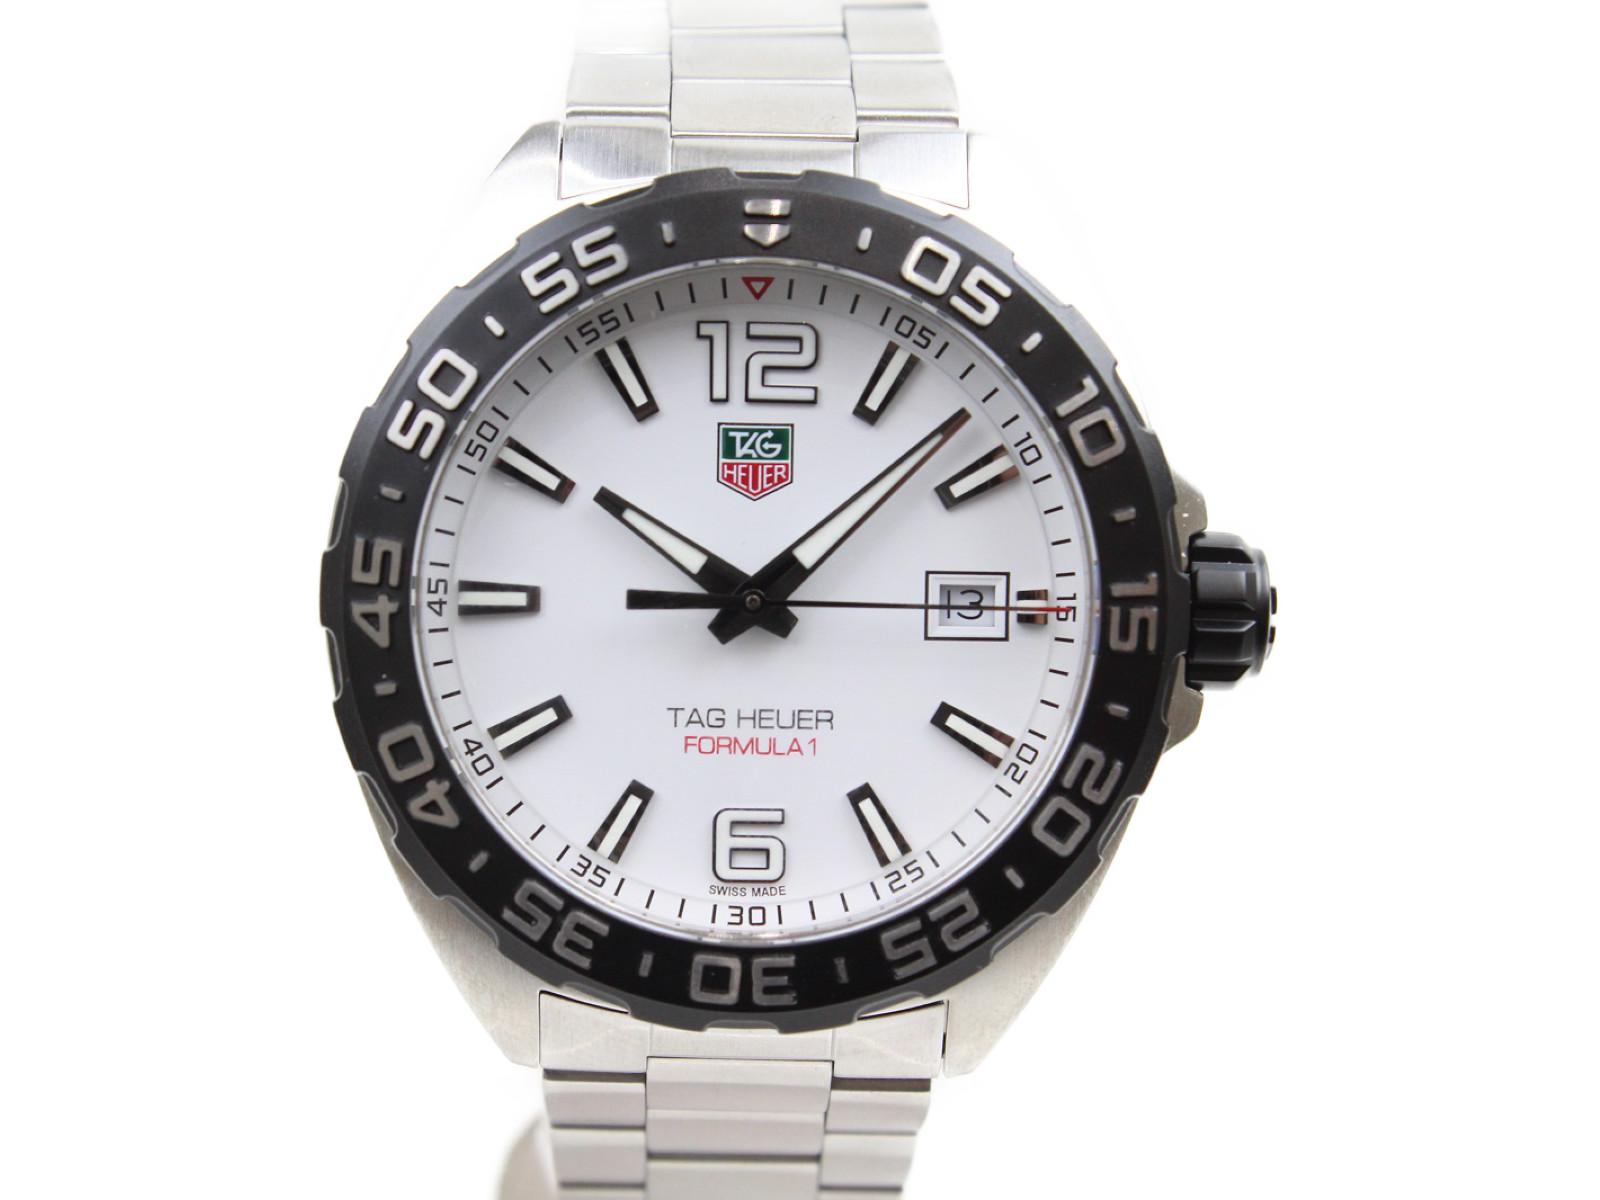 【☆未使用品☆】TAG-HEUER フォーミュラ1 WAZ1111.BA0875 クオーツ デイト SS ステンレススチール ホワイト メンズ 腕時計【中古】